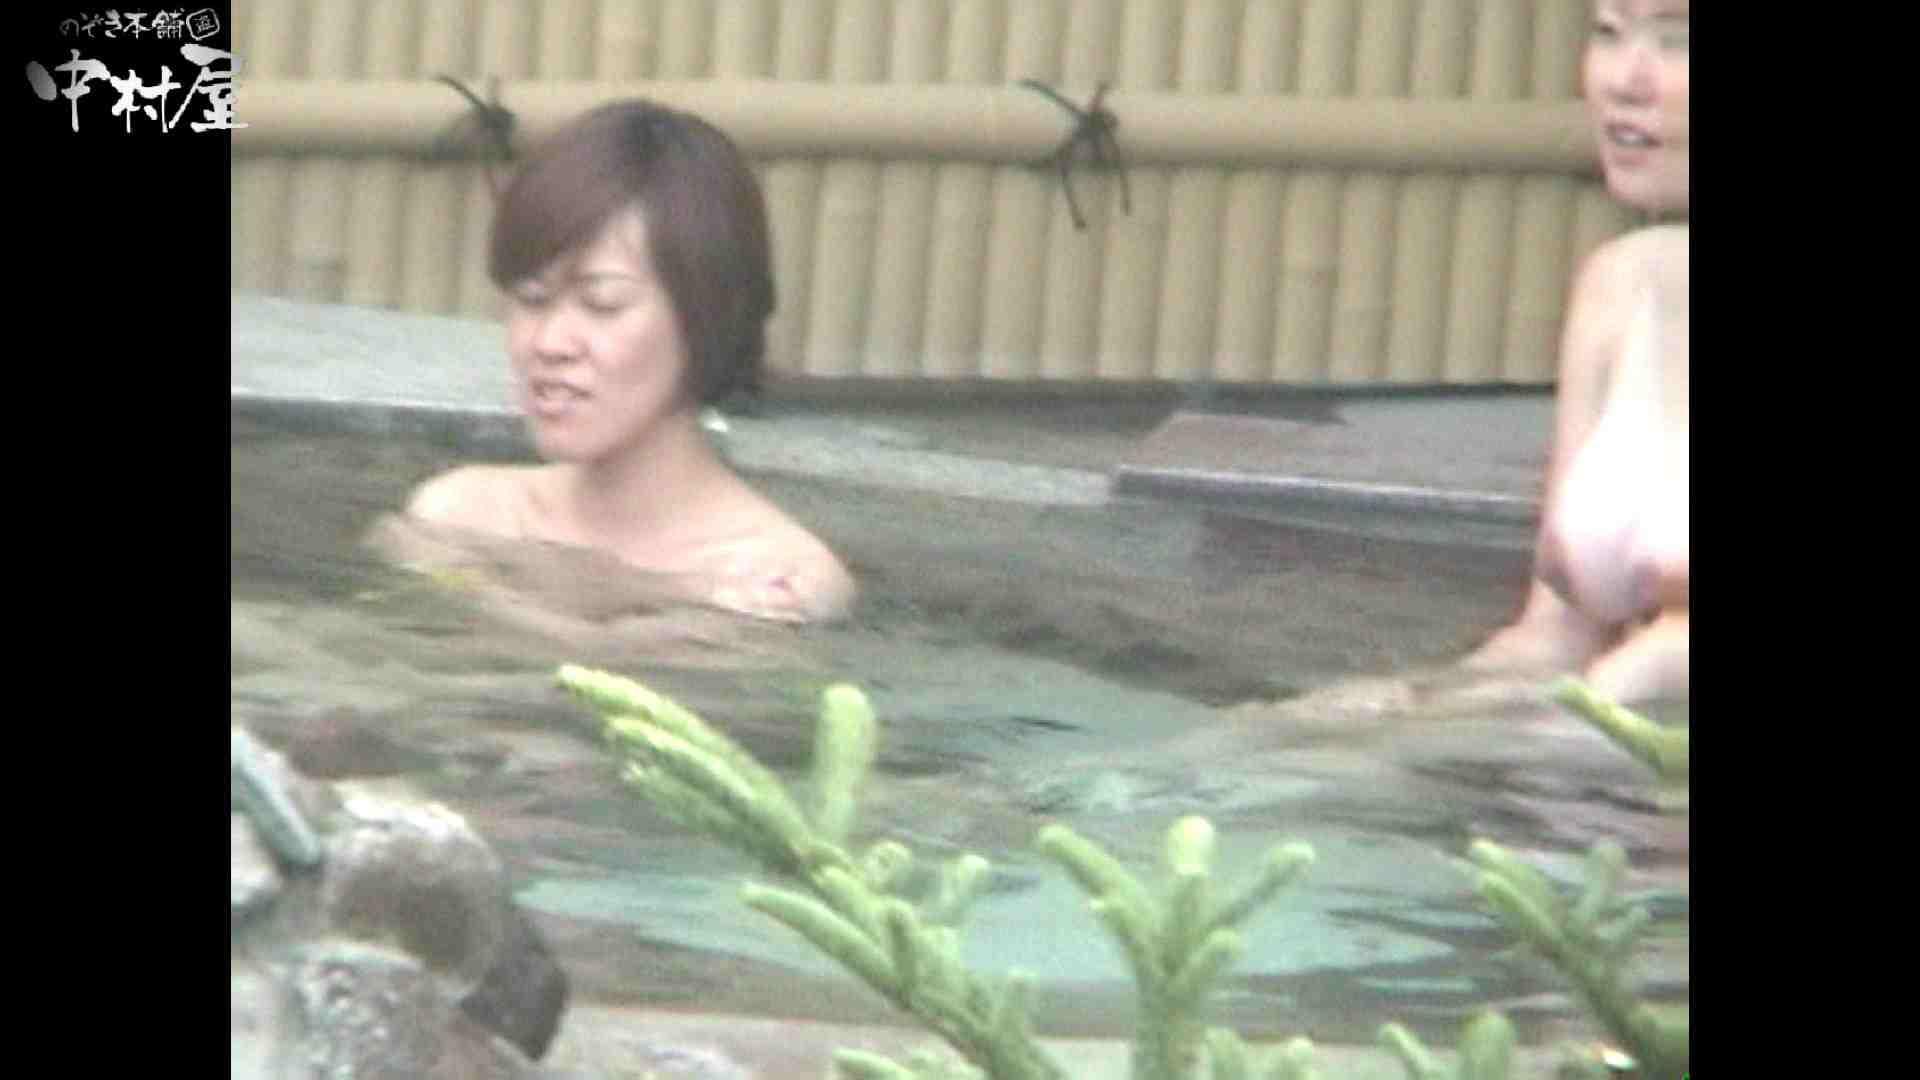 Aquaな露天風呂Vol.961 OL女体   女体盗撮  65連発 1